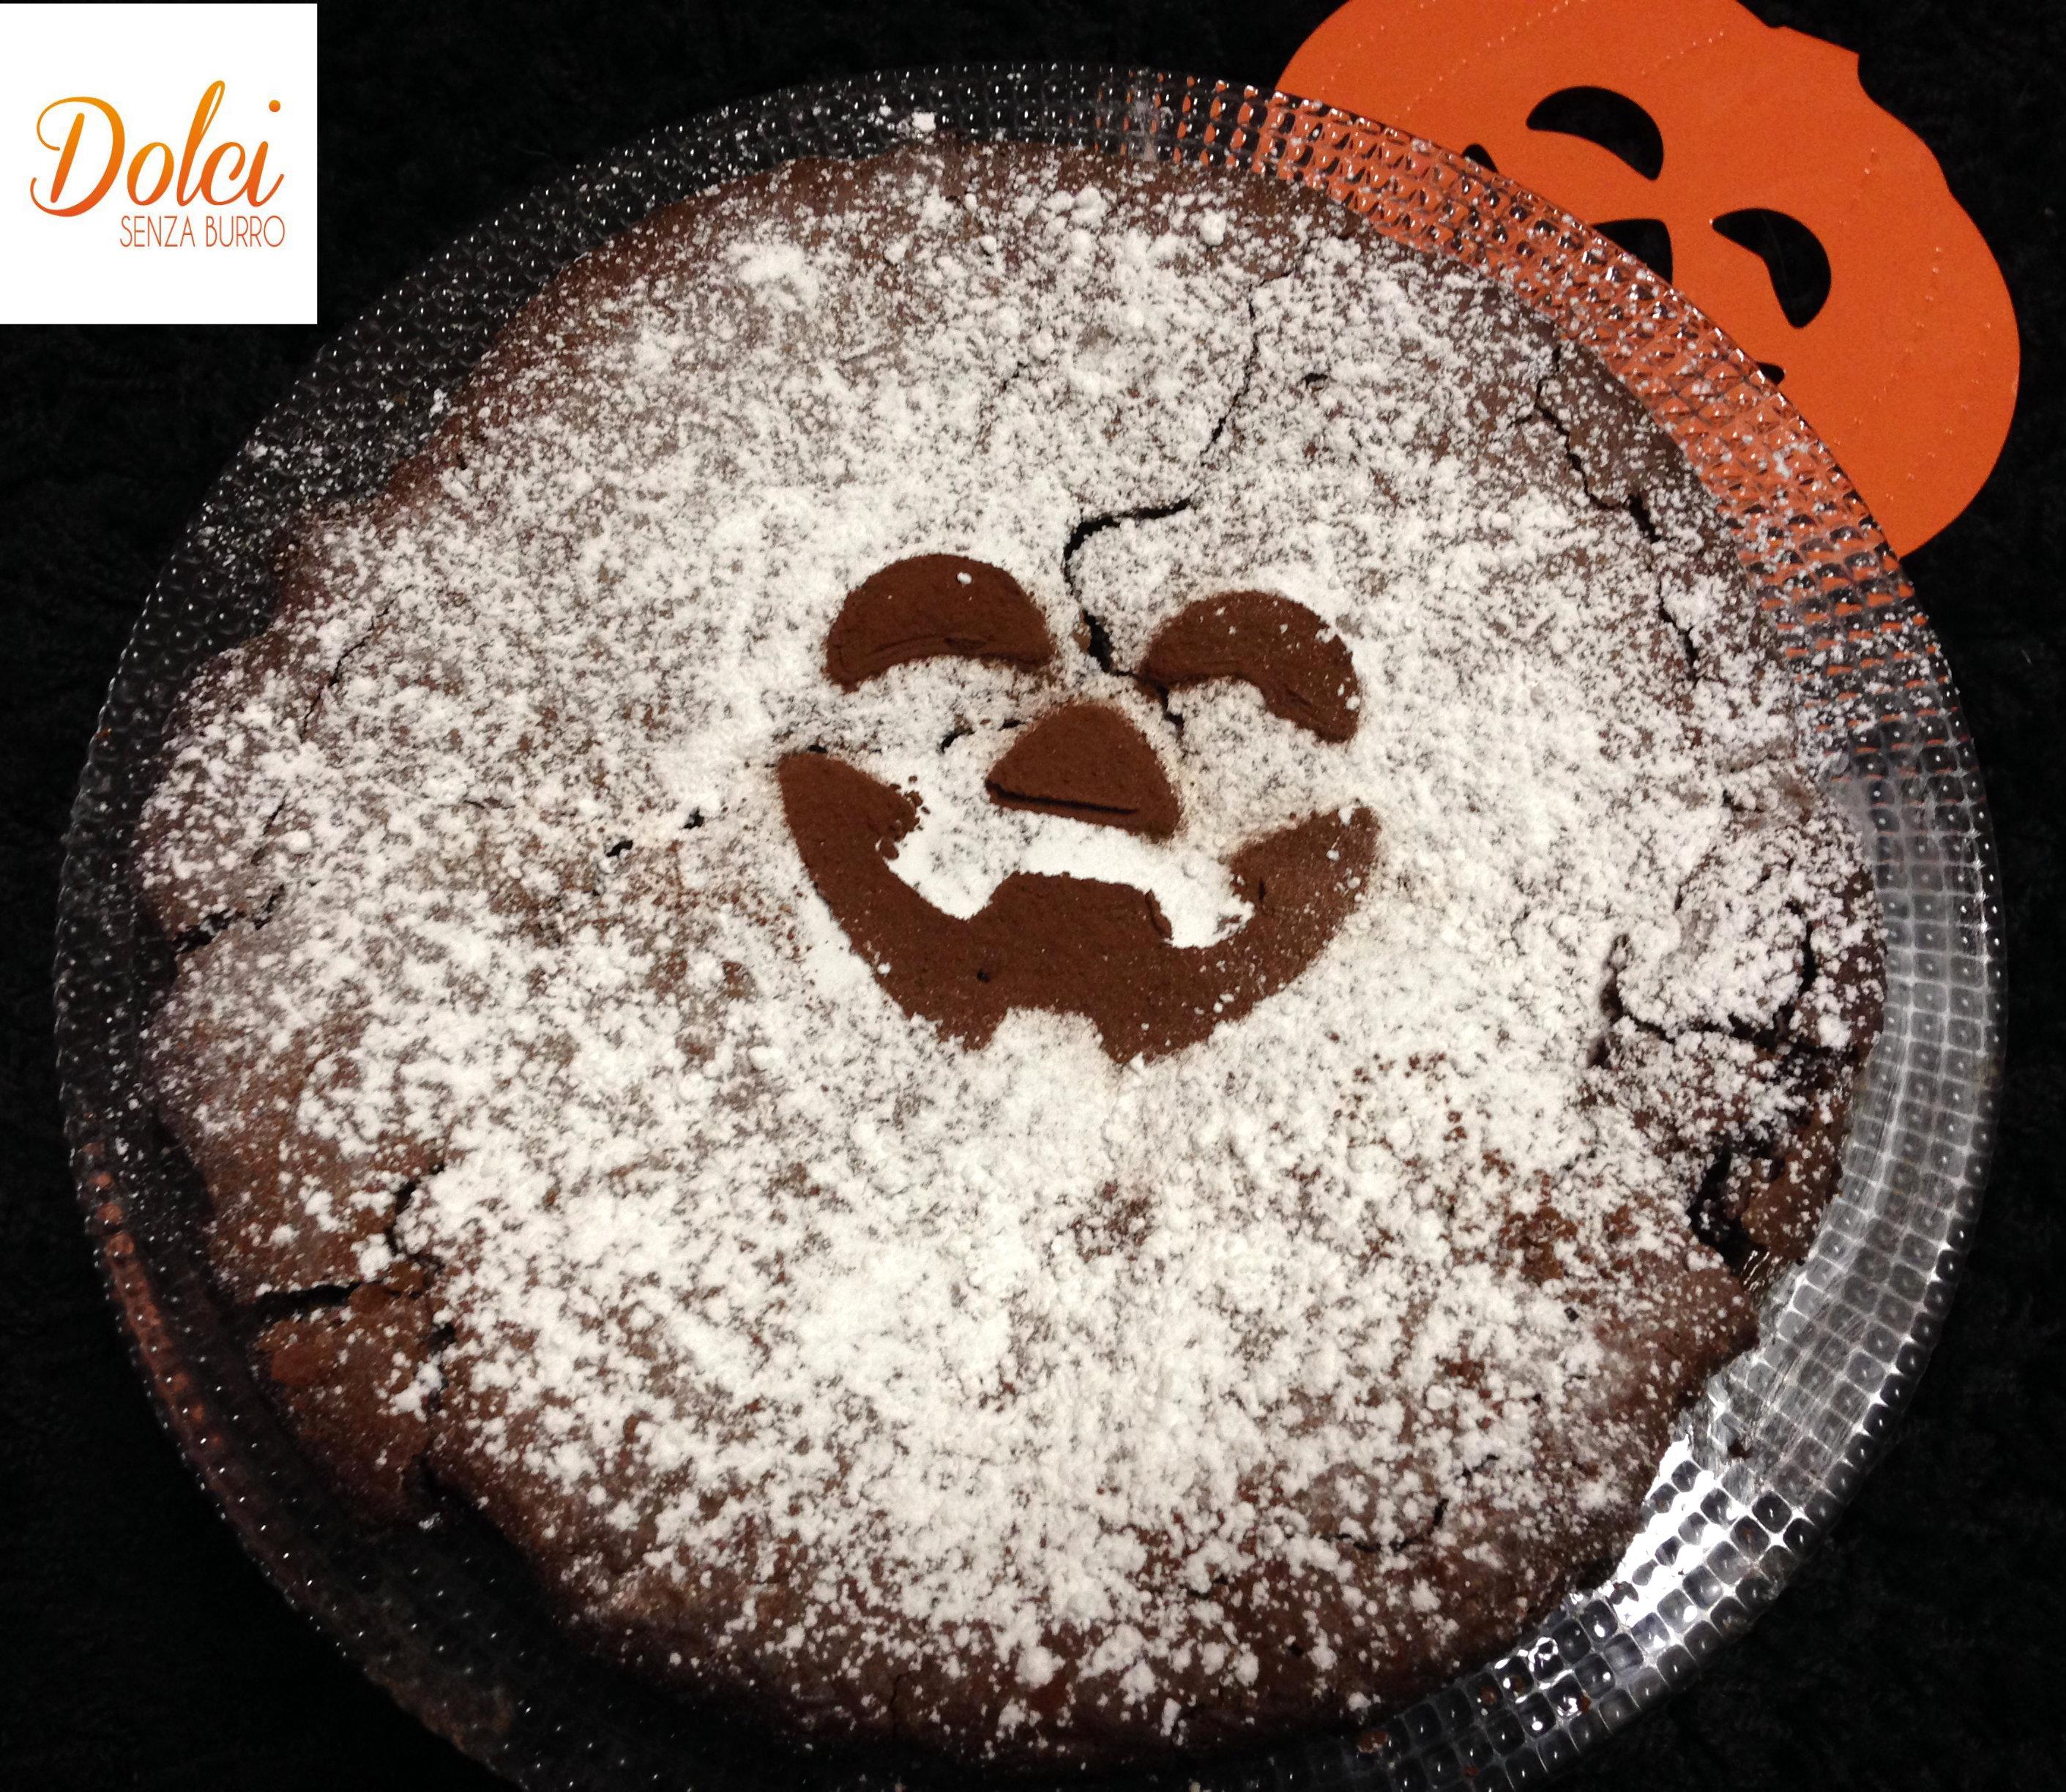 Torta di Halloween, il dolce al cioccolato mostruosamente buono di dolci senza burro